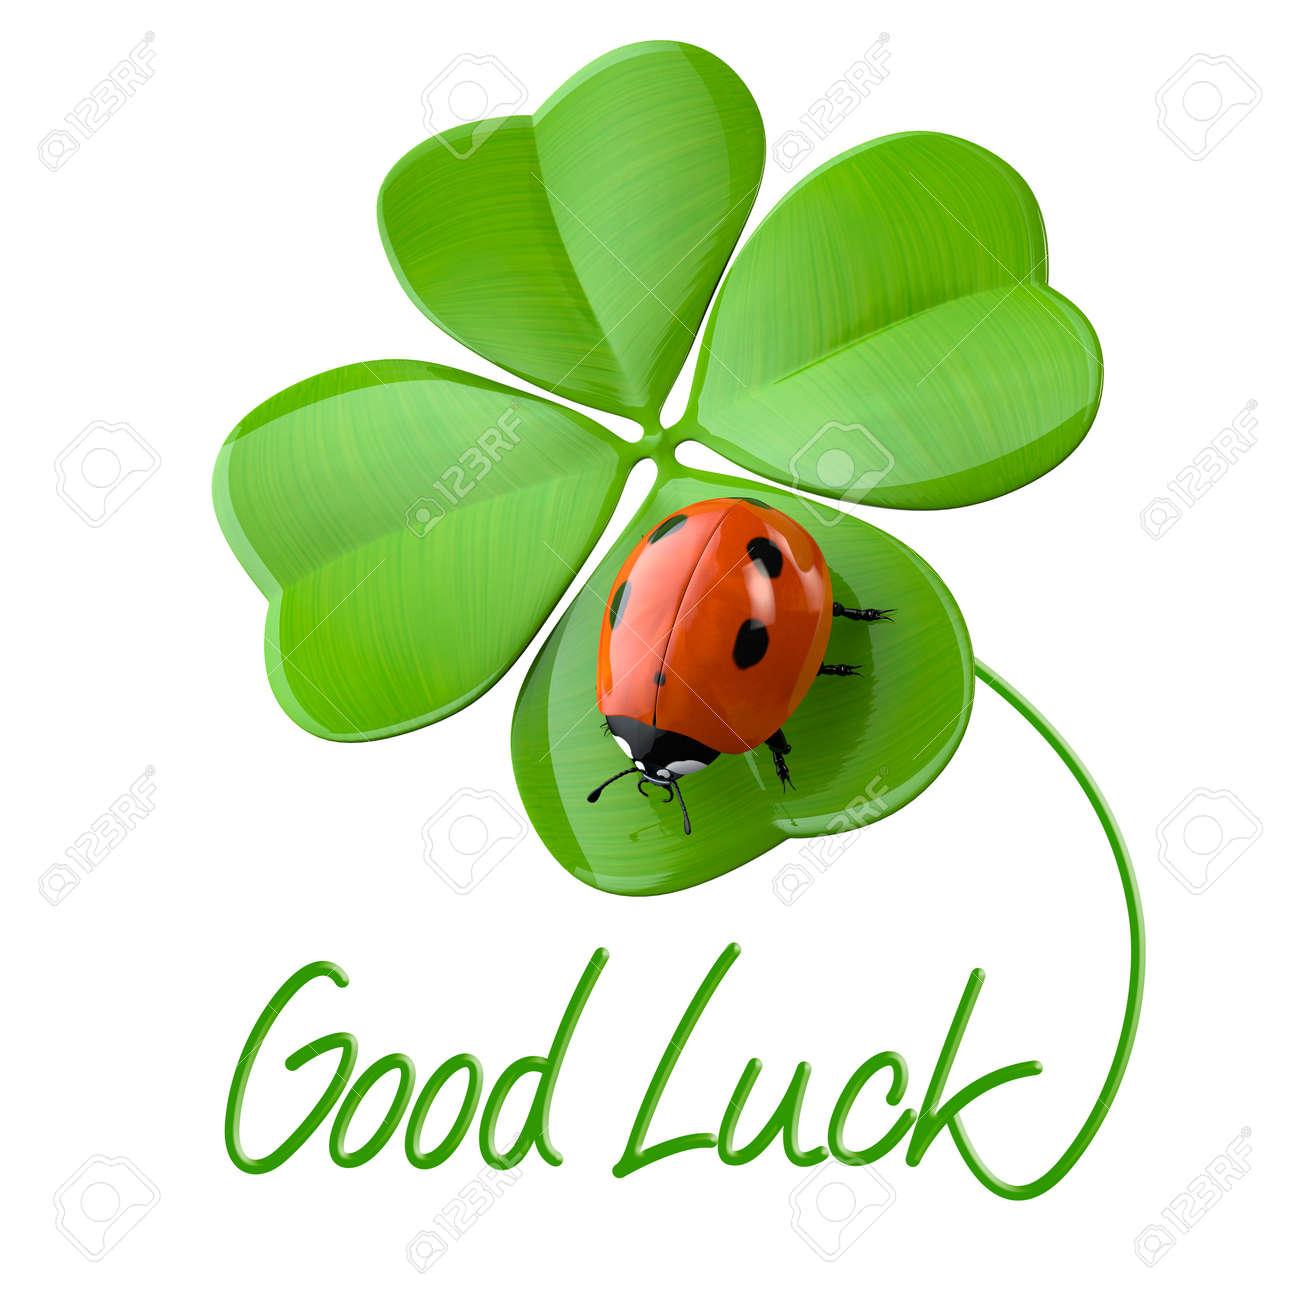 ラッキー シンボル: 四つ葉のクローバーとてんとう虫 の写真素材・画像 ...